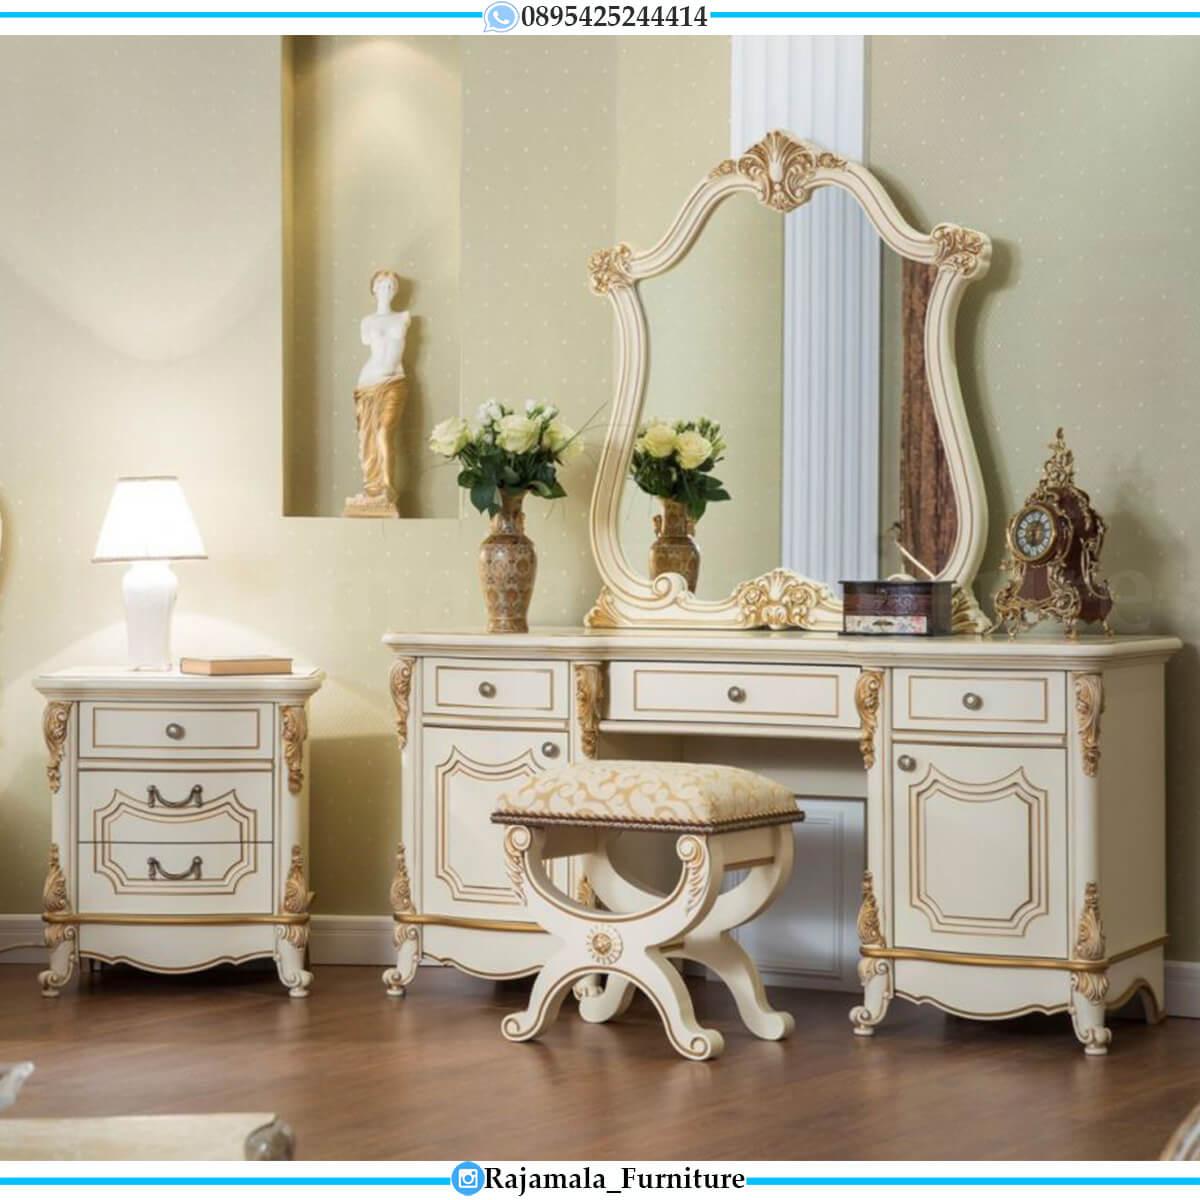 Meja Rias Mewah Jepara Luxury Carving Design Best Seller RM-0588